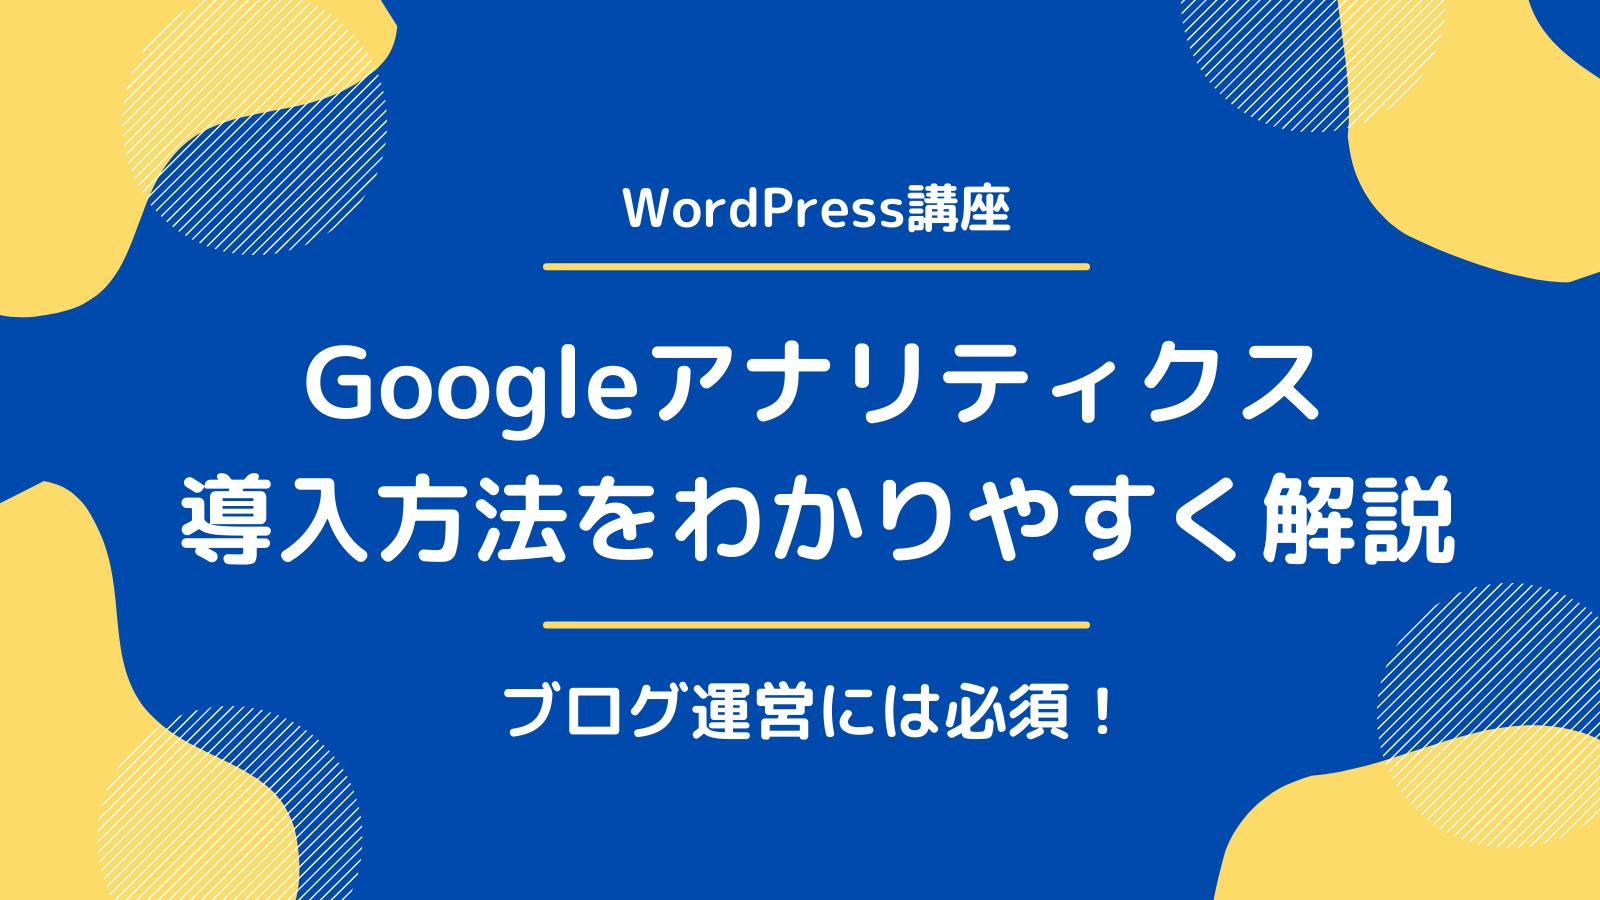 【WordPress】Googleアナリティクスを設定する方法を解説